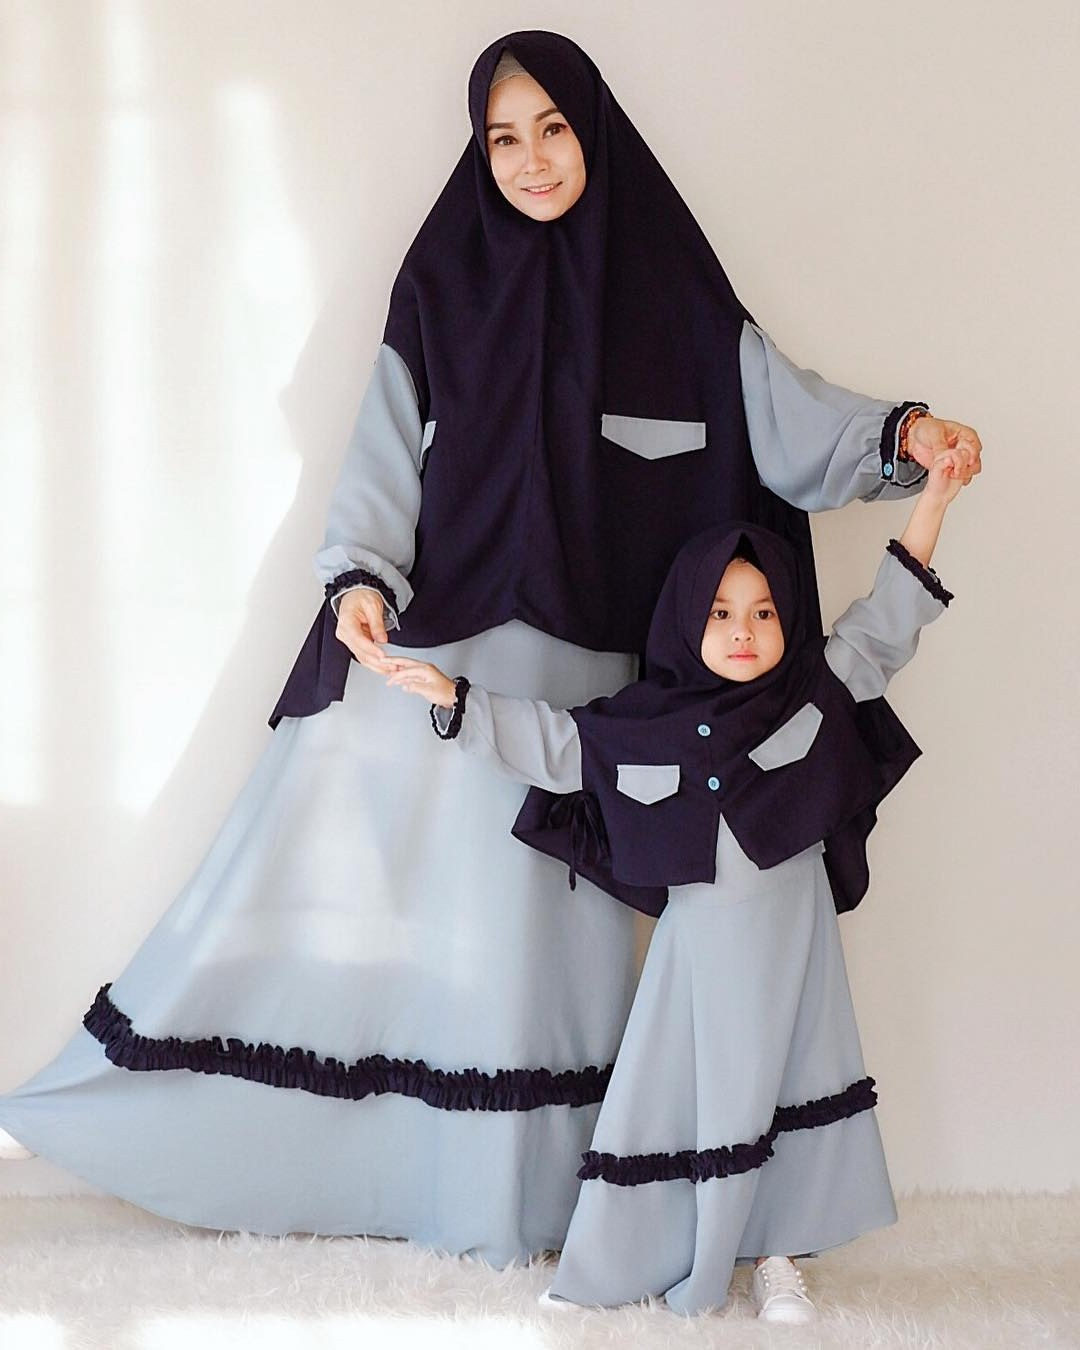 Bentuk Tips Memilih Baju Lebaran U3dh Moms Inilah 5 Cara Memilih Baju Muslim Untuk Anak